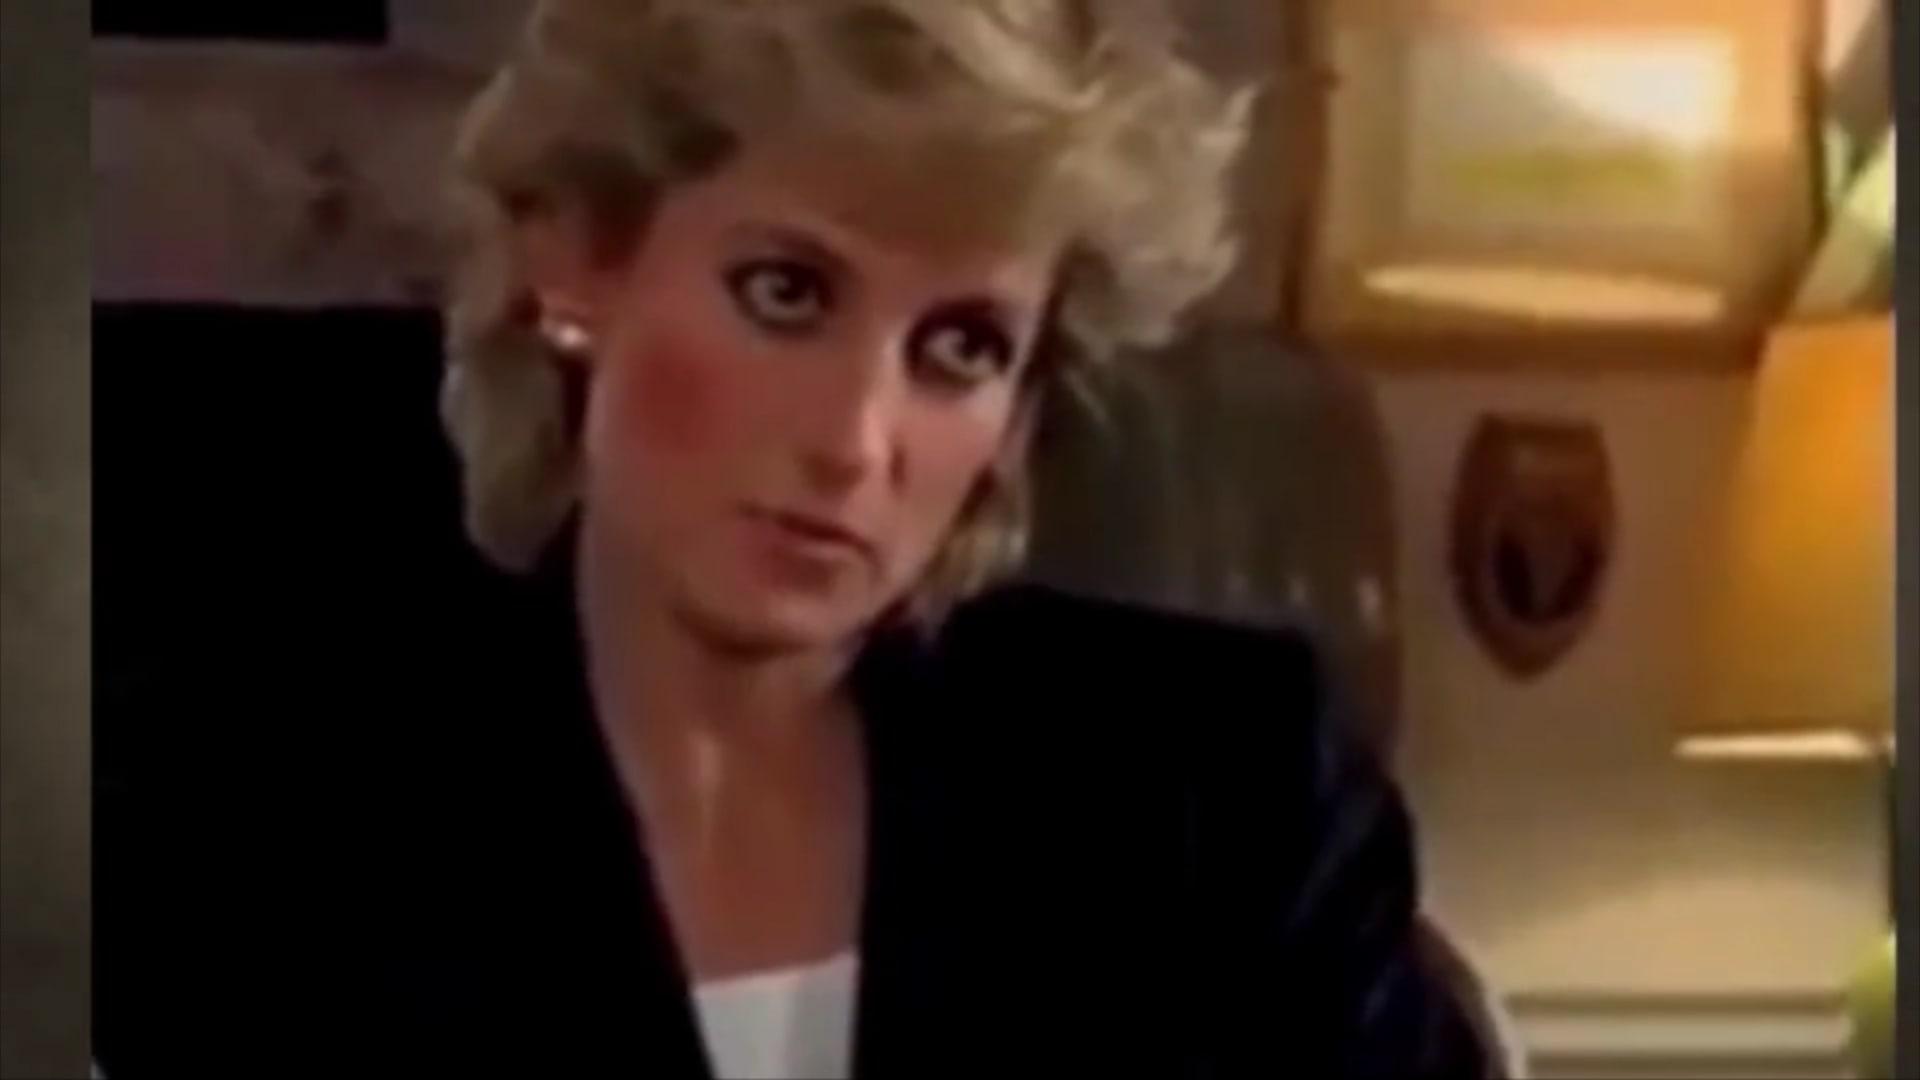 تداعيات التحقيق في حوار BBC مع الأميرة ديانا مستمرة.. ووليام يوضح أكثر ما يحزنه